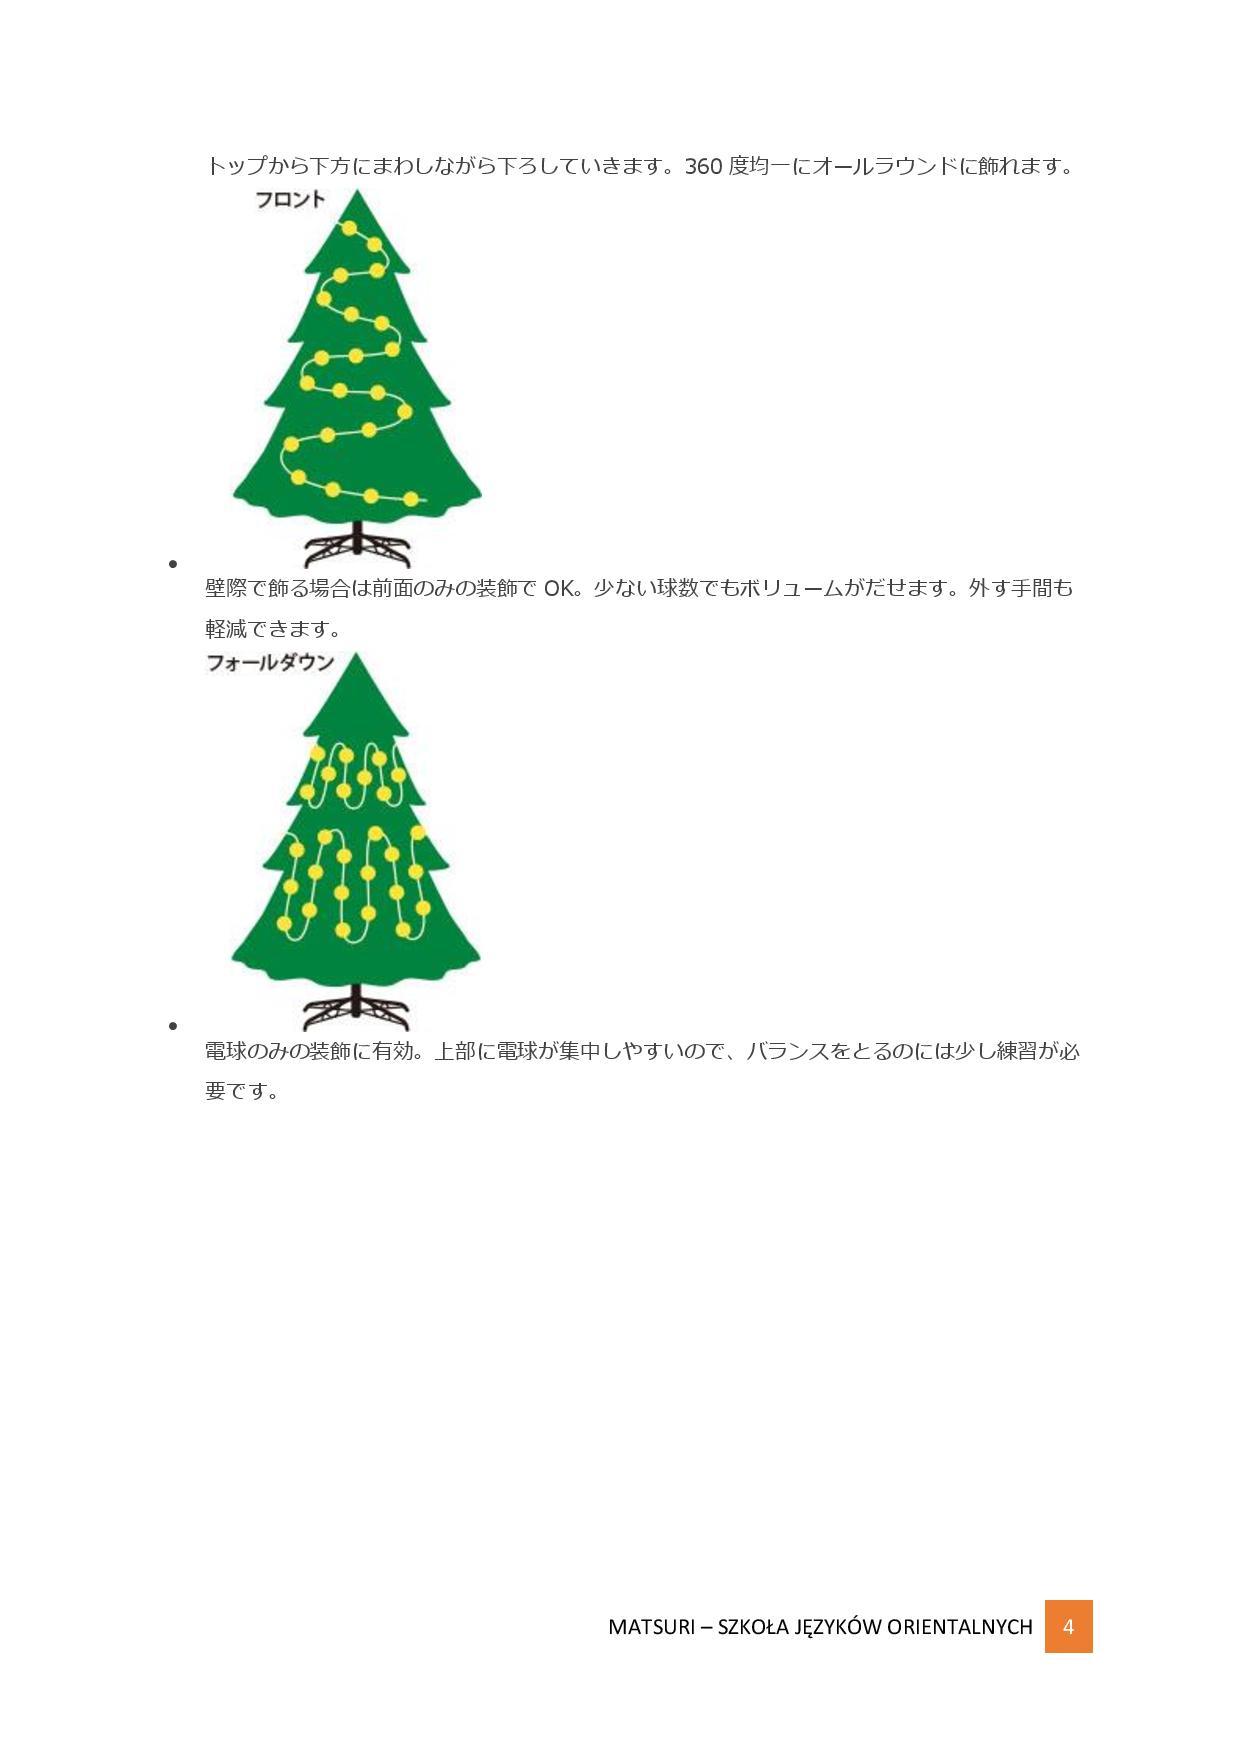 クリスマスの色々-page-004